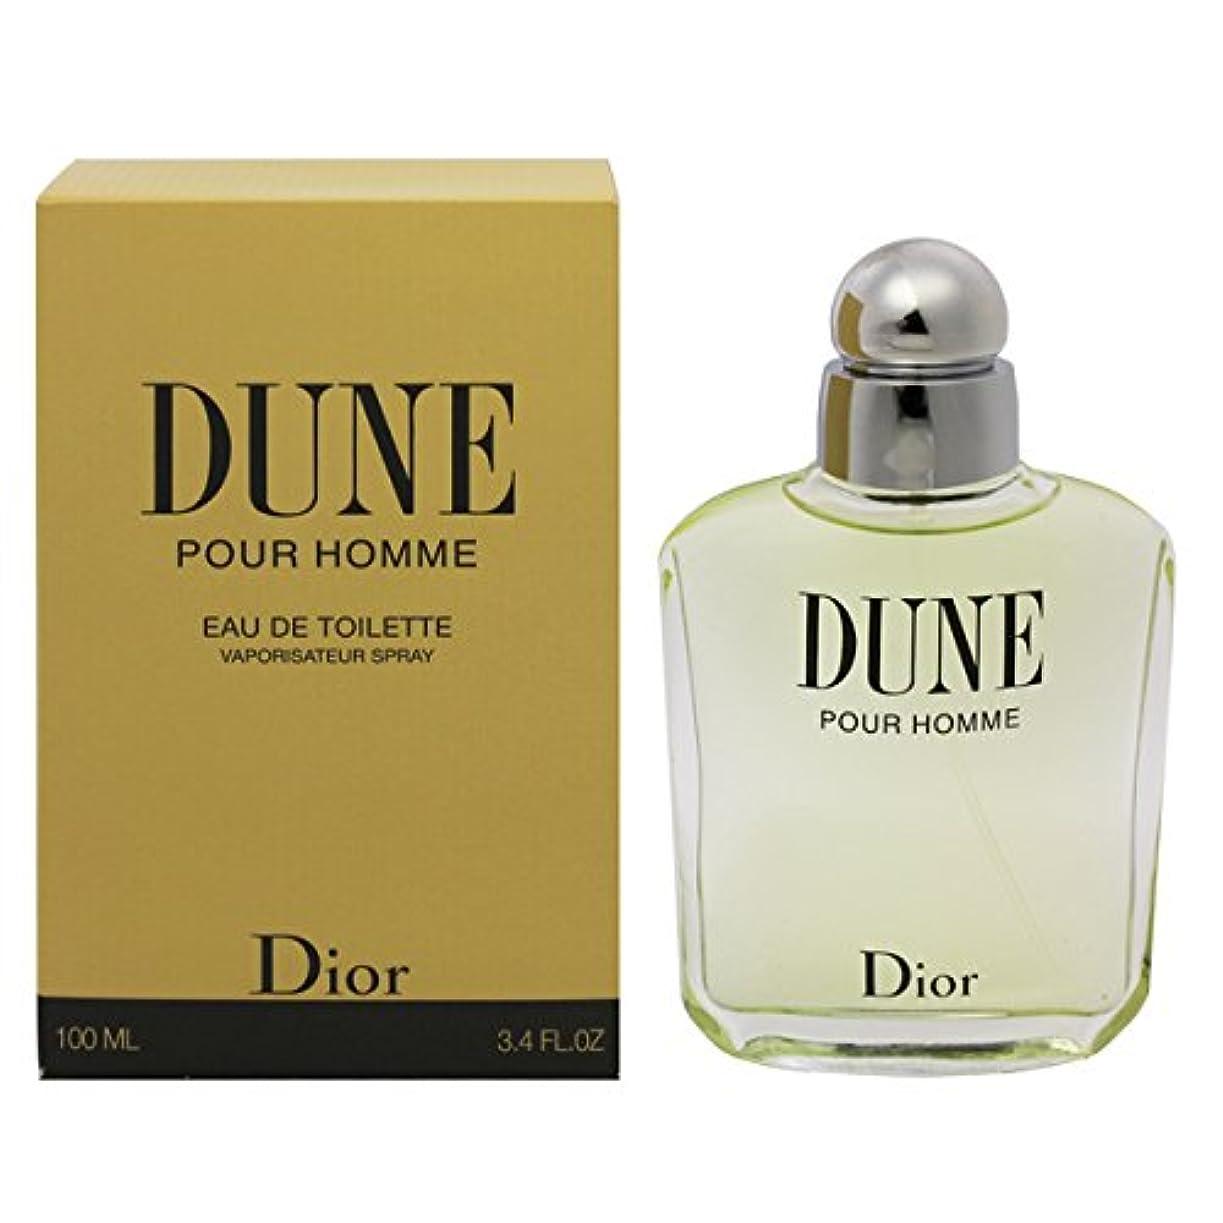 シールドそうでなければ賠償クリスチャン ディオール(Christian Dior) デューン プールオム EDT SP 100ml[並行輸入品]